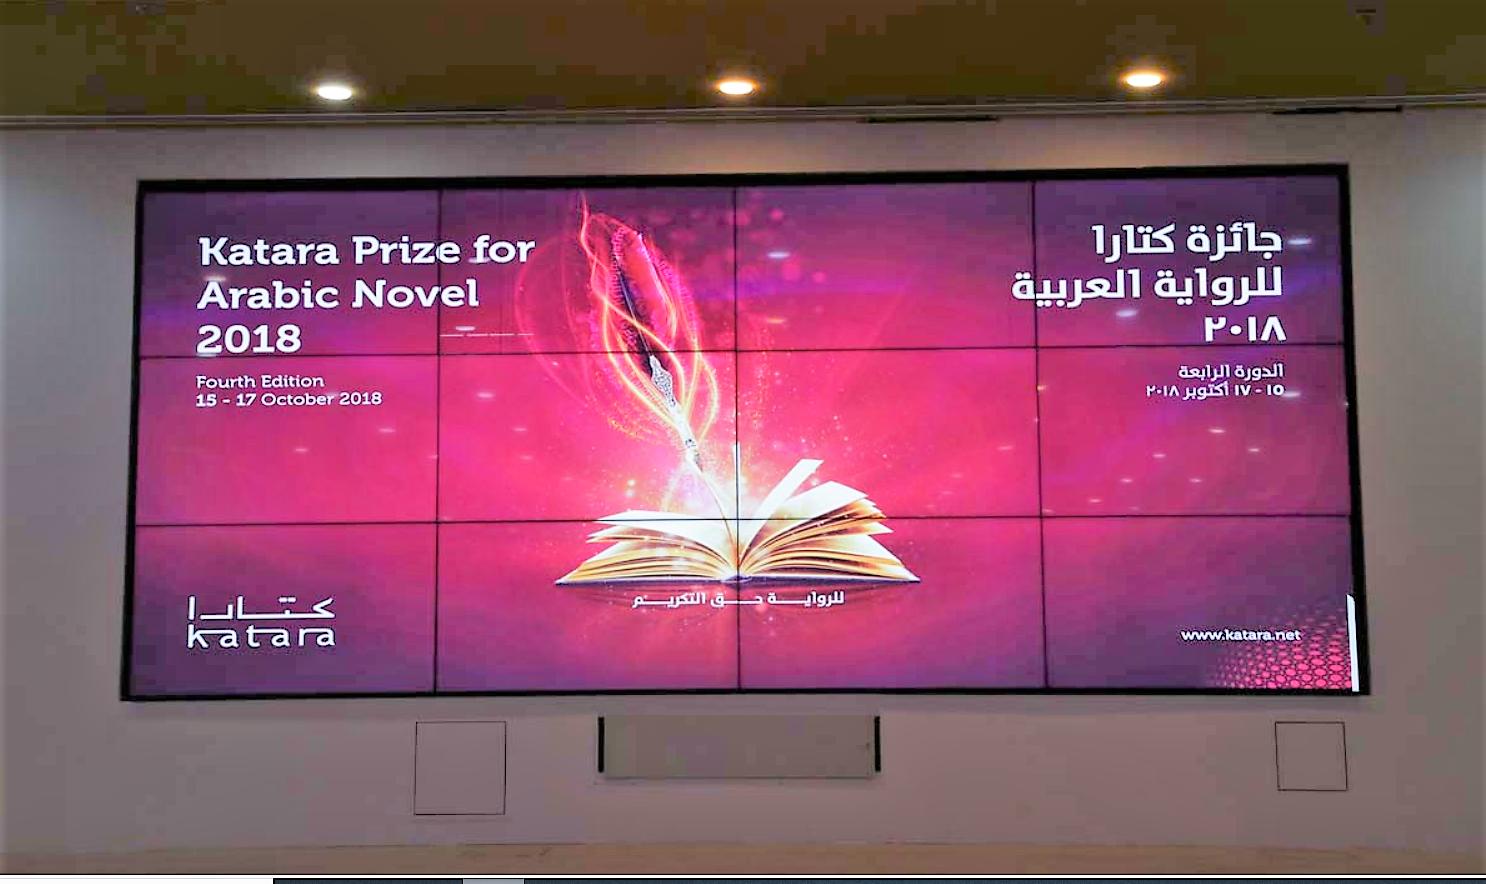 عمر فضل الله يفوز بجائزة كتارا للرواية العربية 2018 برواية أنفاس صليحة عن فئة الرواياتالمنشورة